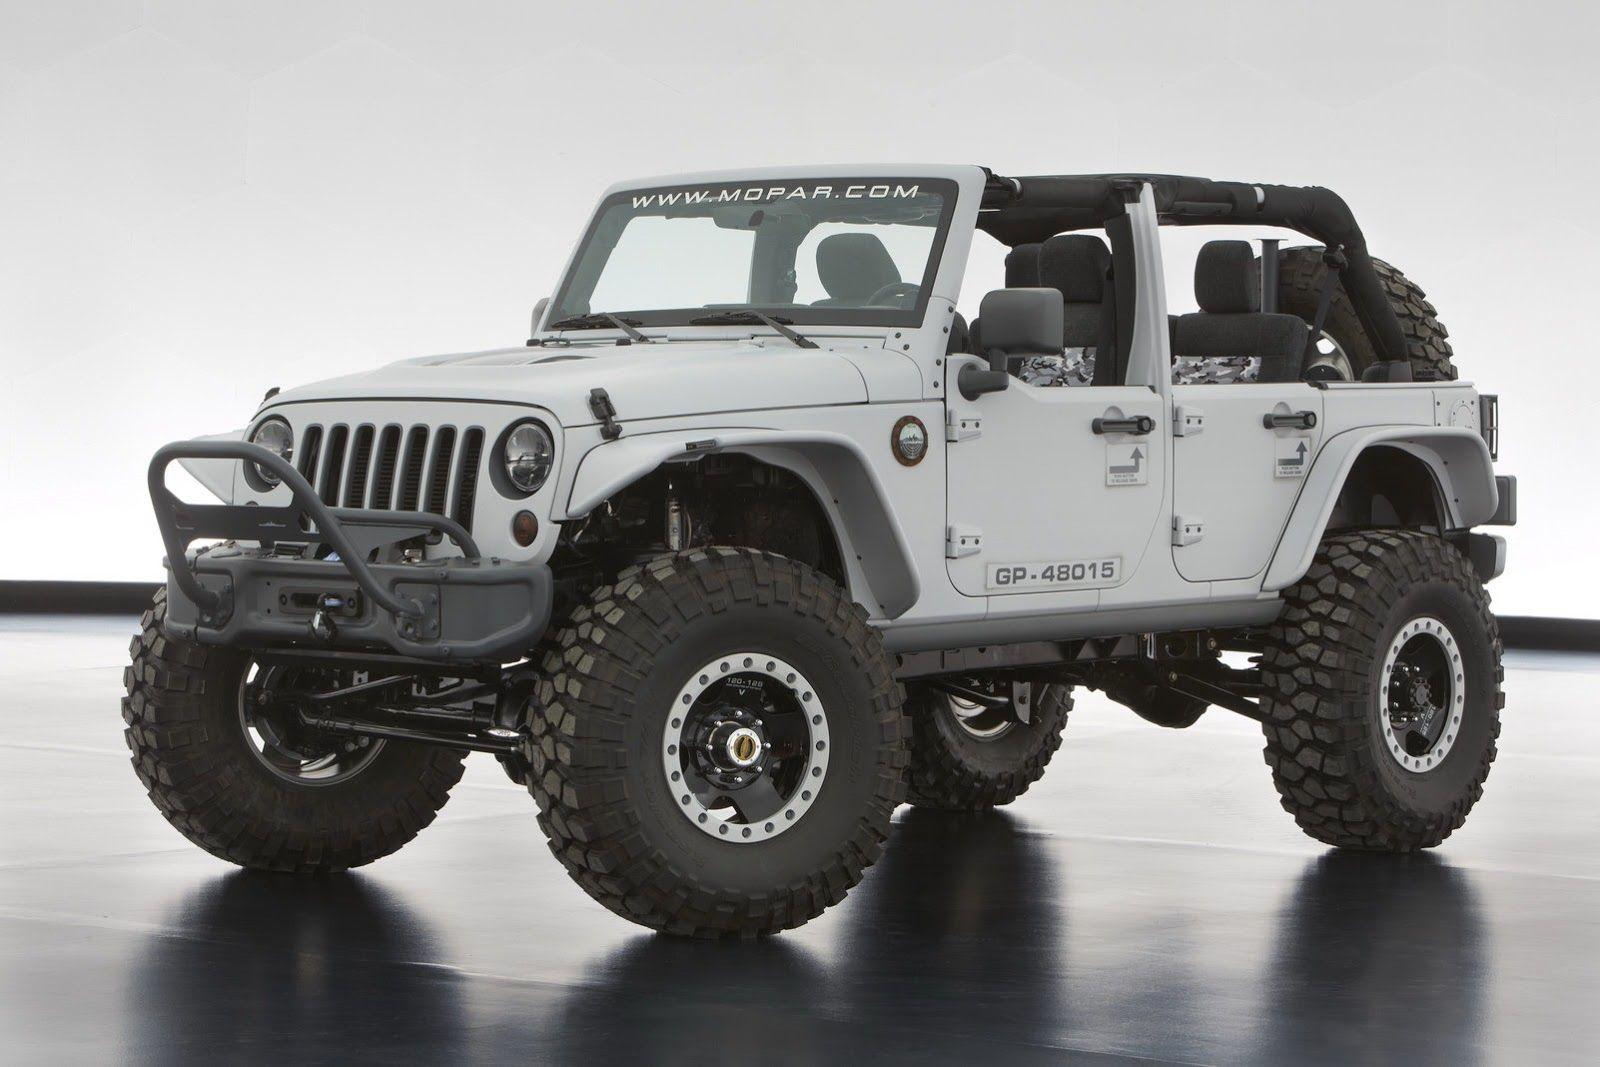 jeep rubicon 2014 4 door. jeep wrangler mopar recon concept pinterest jeeps and cars rubicon 2014 4 door